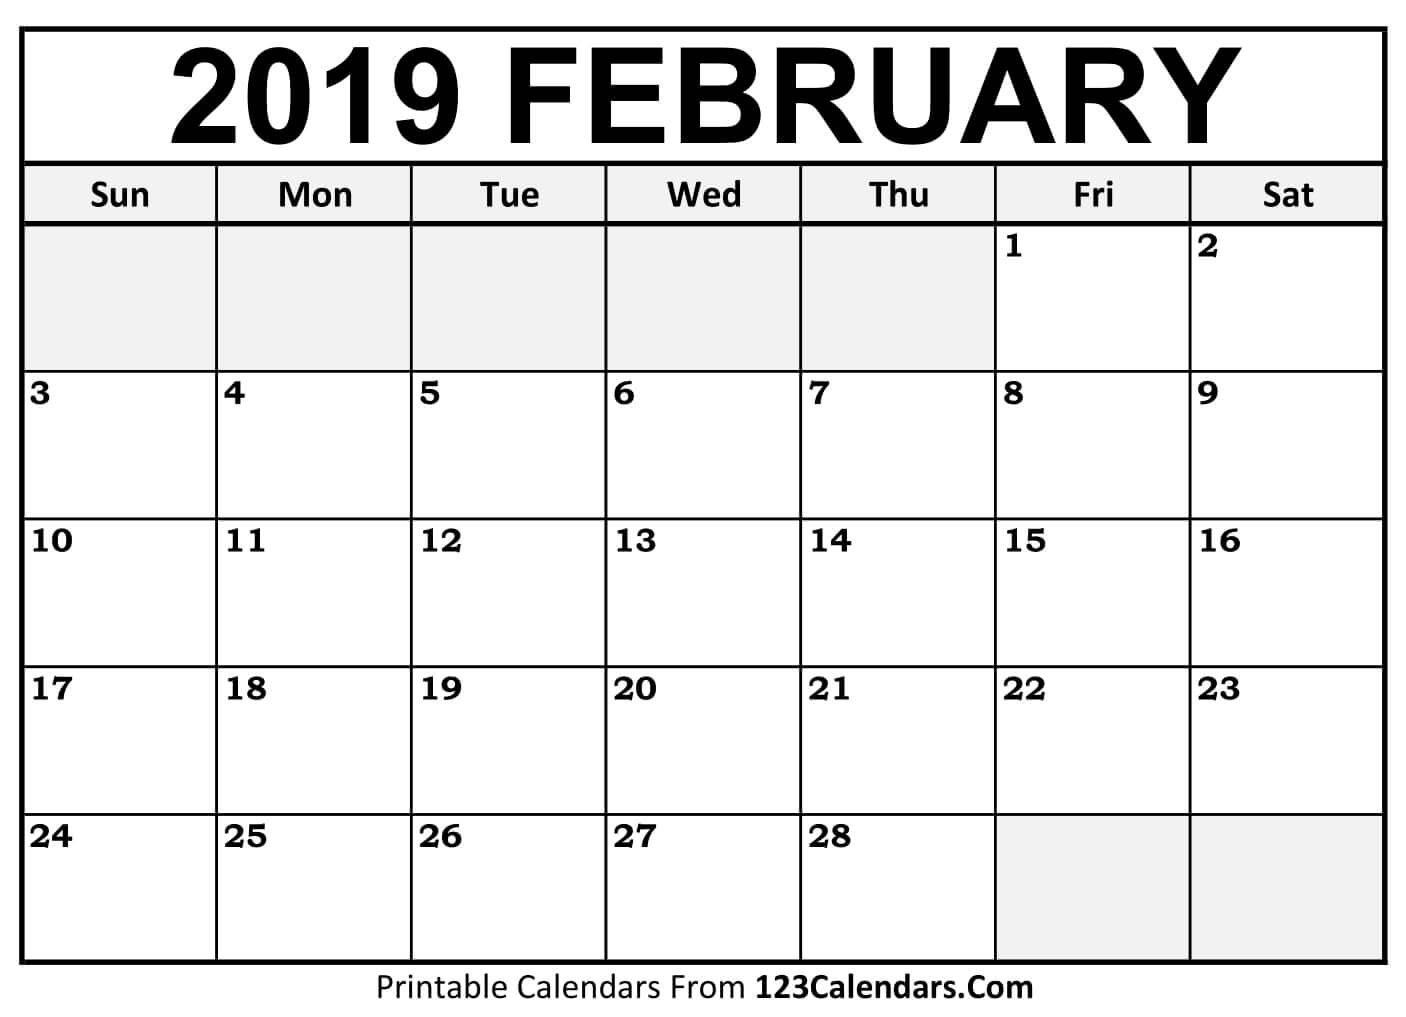 Printable February 2019 Calendar Templates - 123Calendars A Calendar For February 2019